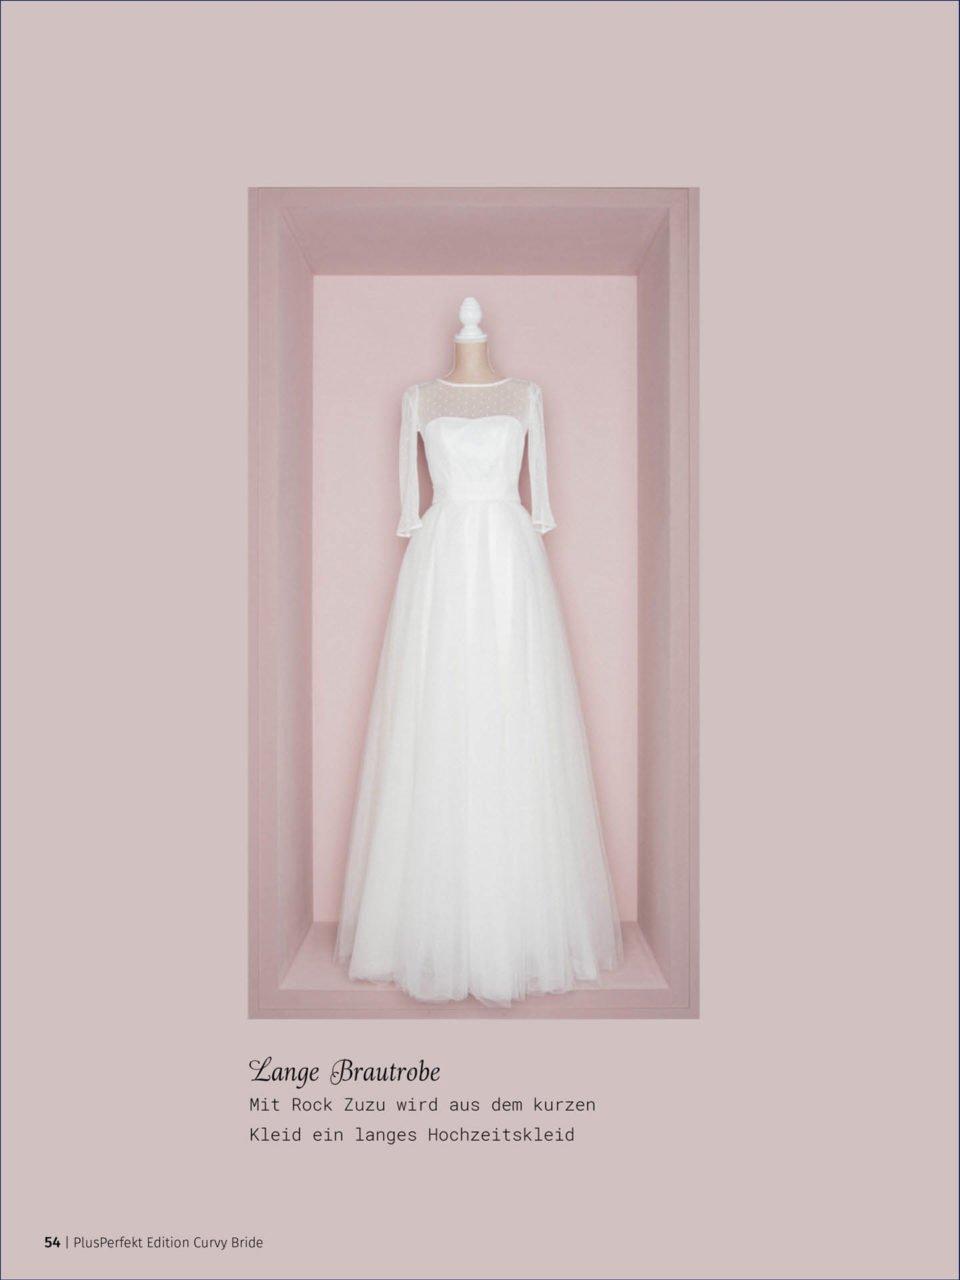 Kurzes Brautkleid mit langem Tüllrock